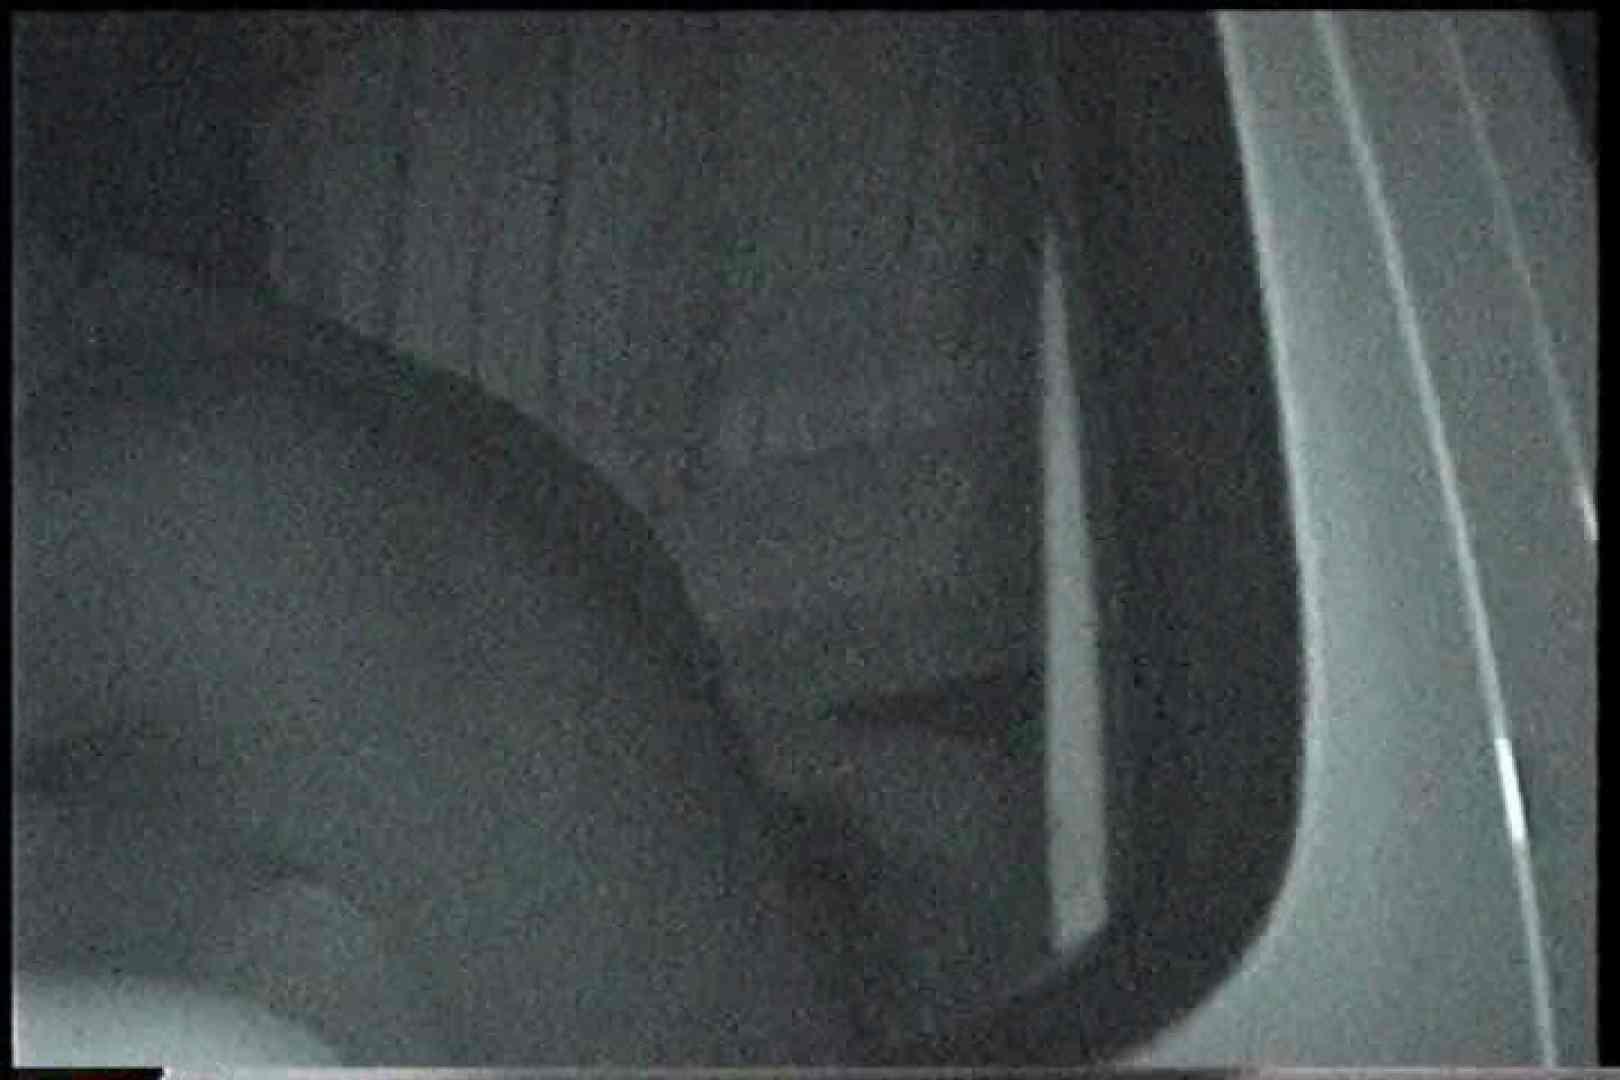 充血監督の深夜の運動会Vol.177 前編 OLセックス 盗み撮りオマンコ動画キャプチャ 79画像 22